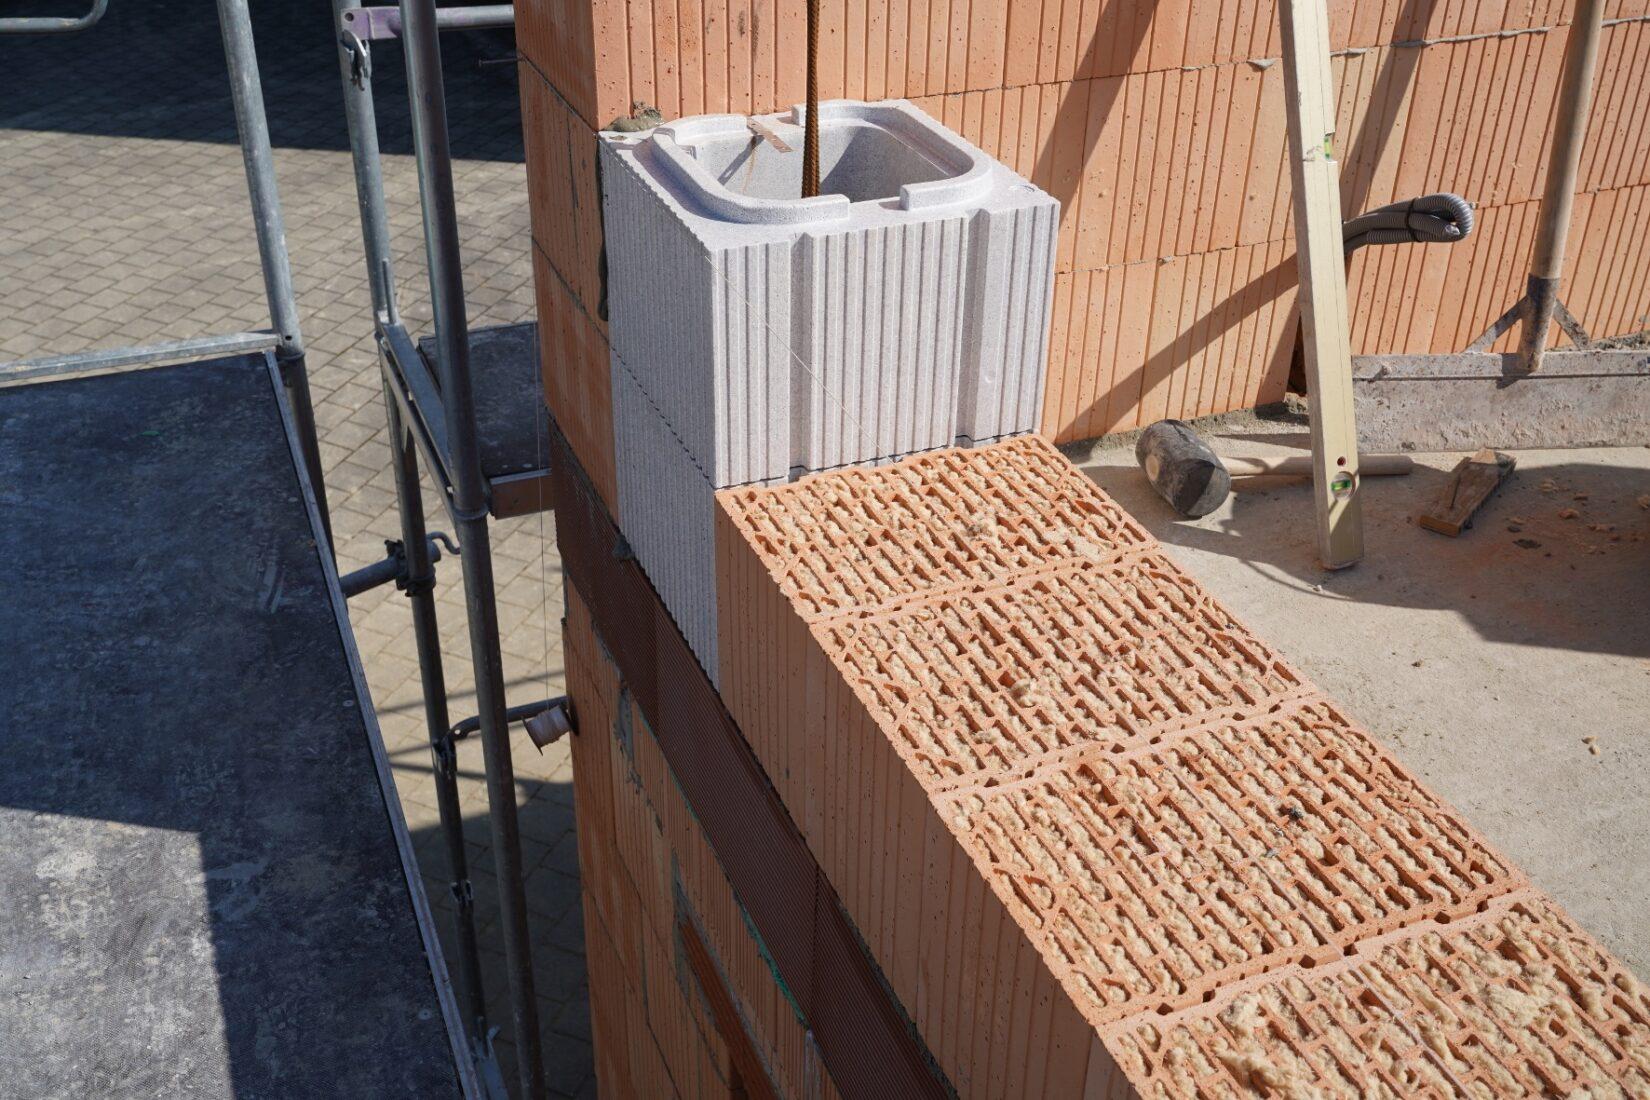 Diese Stützen-Dämmschalung ist im Ziegelrastermaß gefertigt. Foto: Leipfinger-Bader